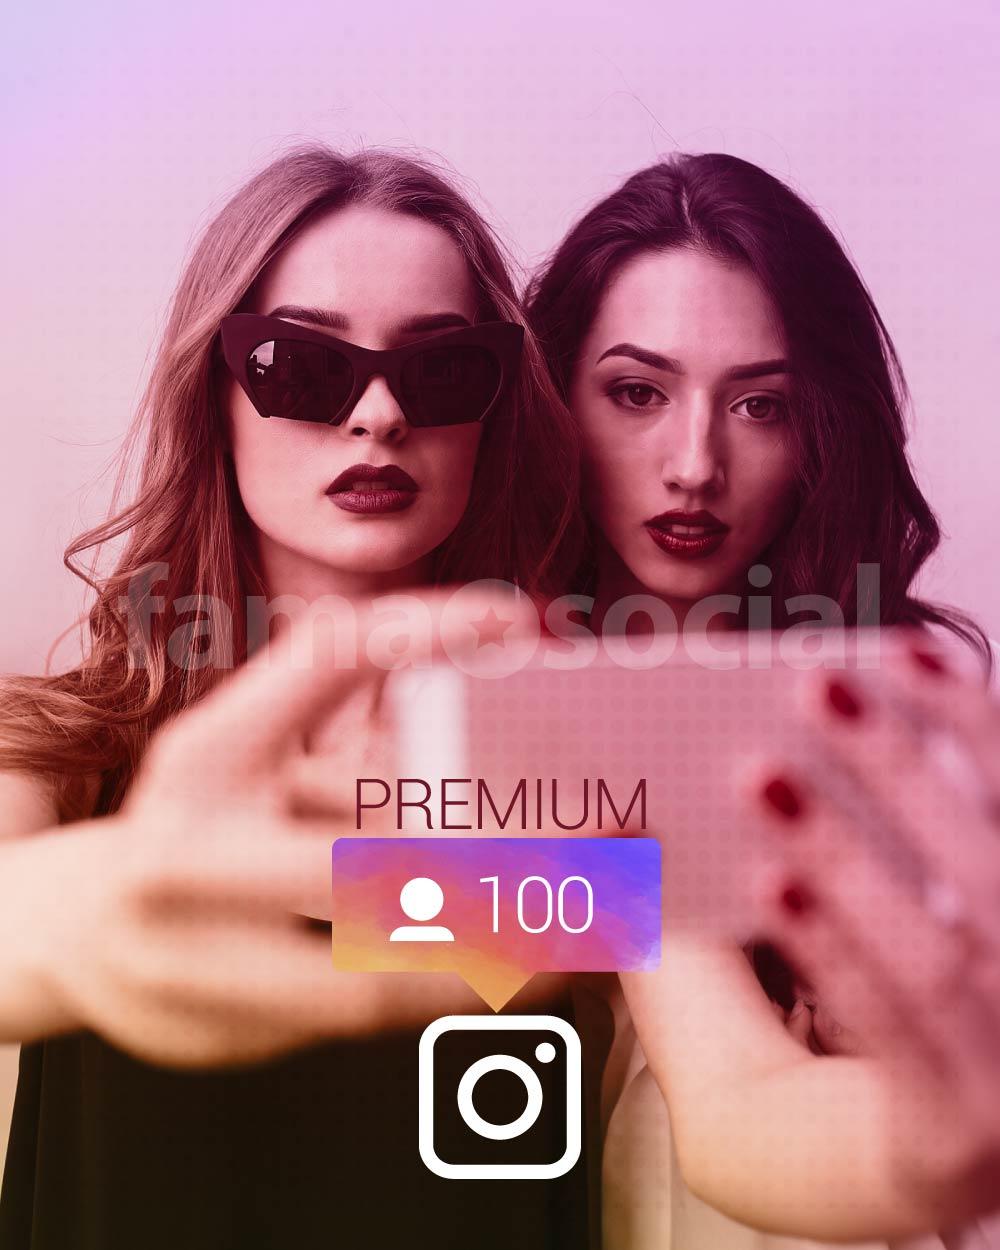 100 Seguidores Premium para instagram